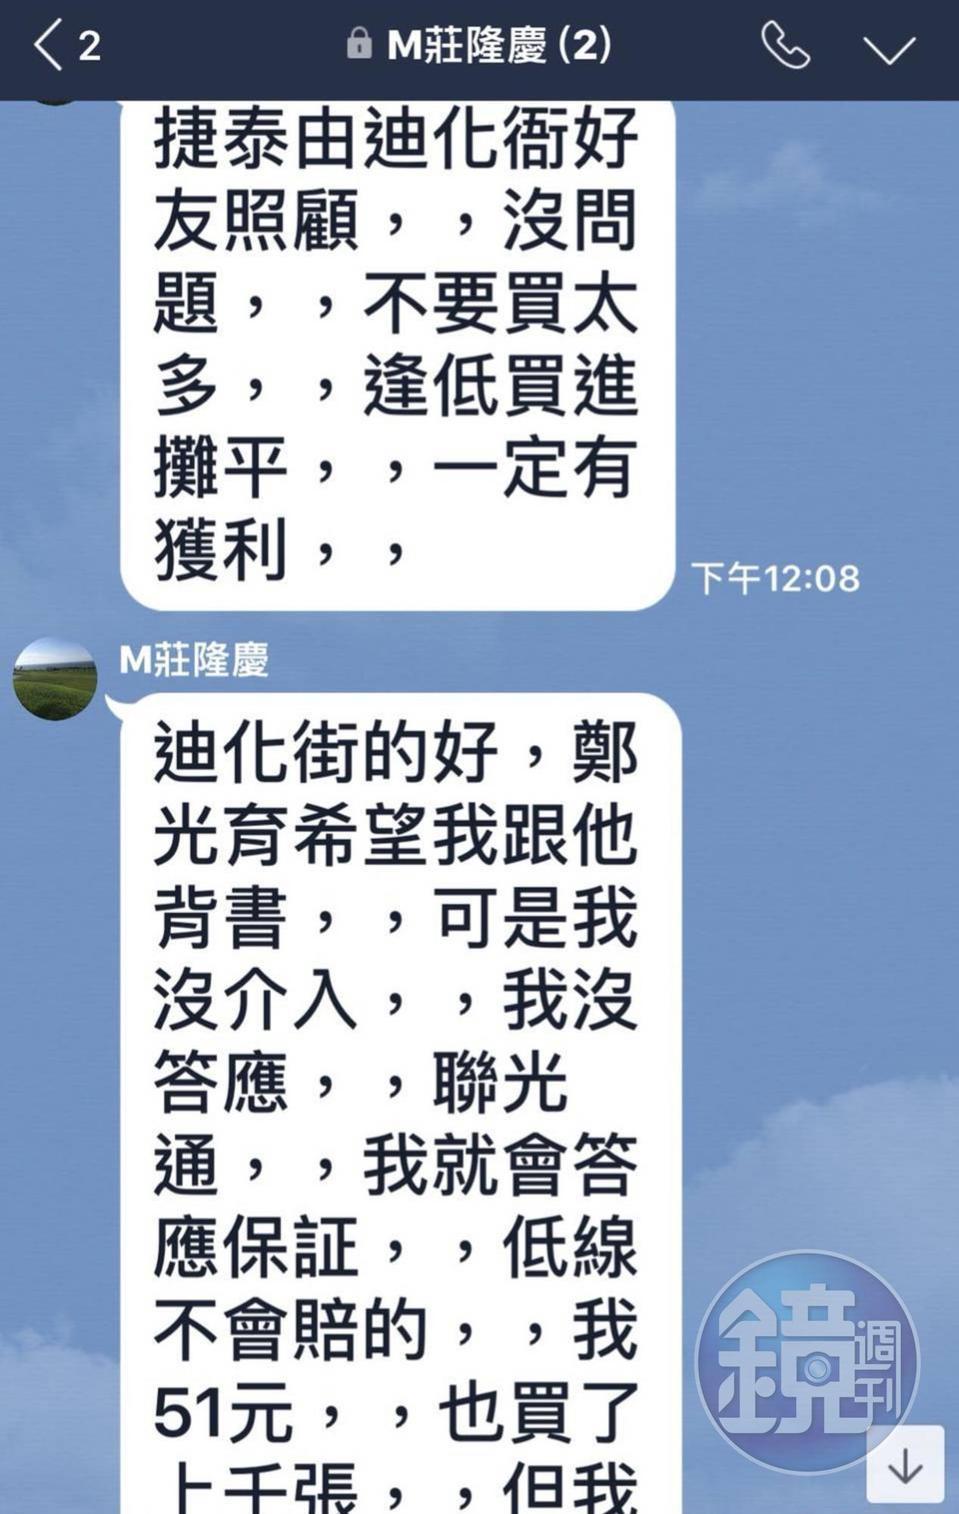 從謝嘉入與莊隆慶的LINE對話可看出,莊指示謝逢低買進捷泰,檢調正朝違反證交法偵辦。(翻攝畫面)